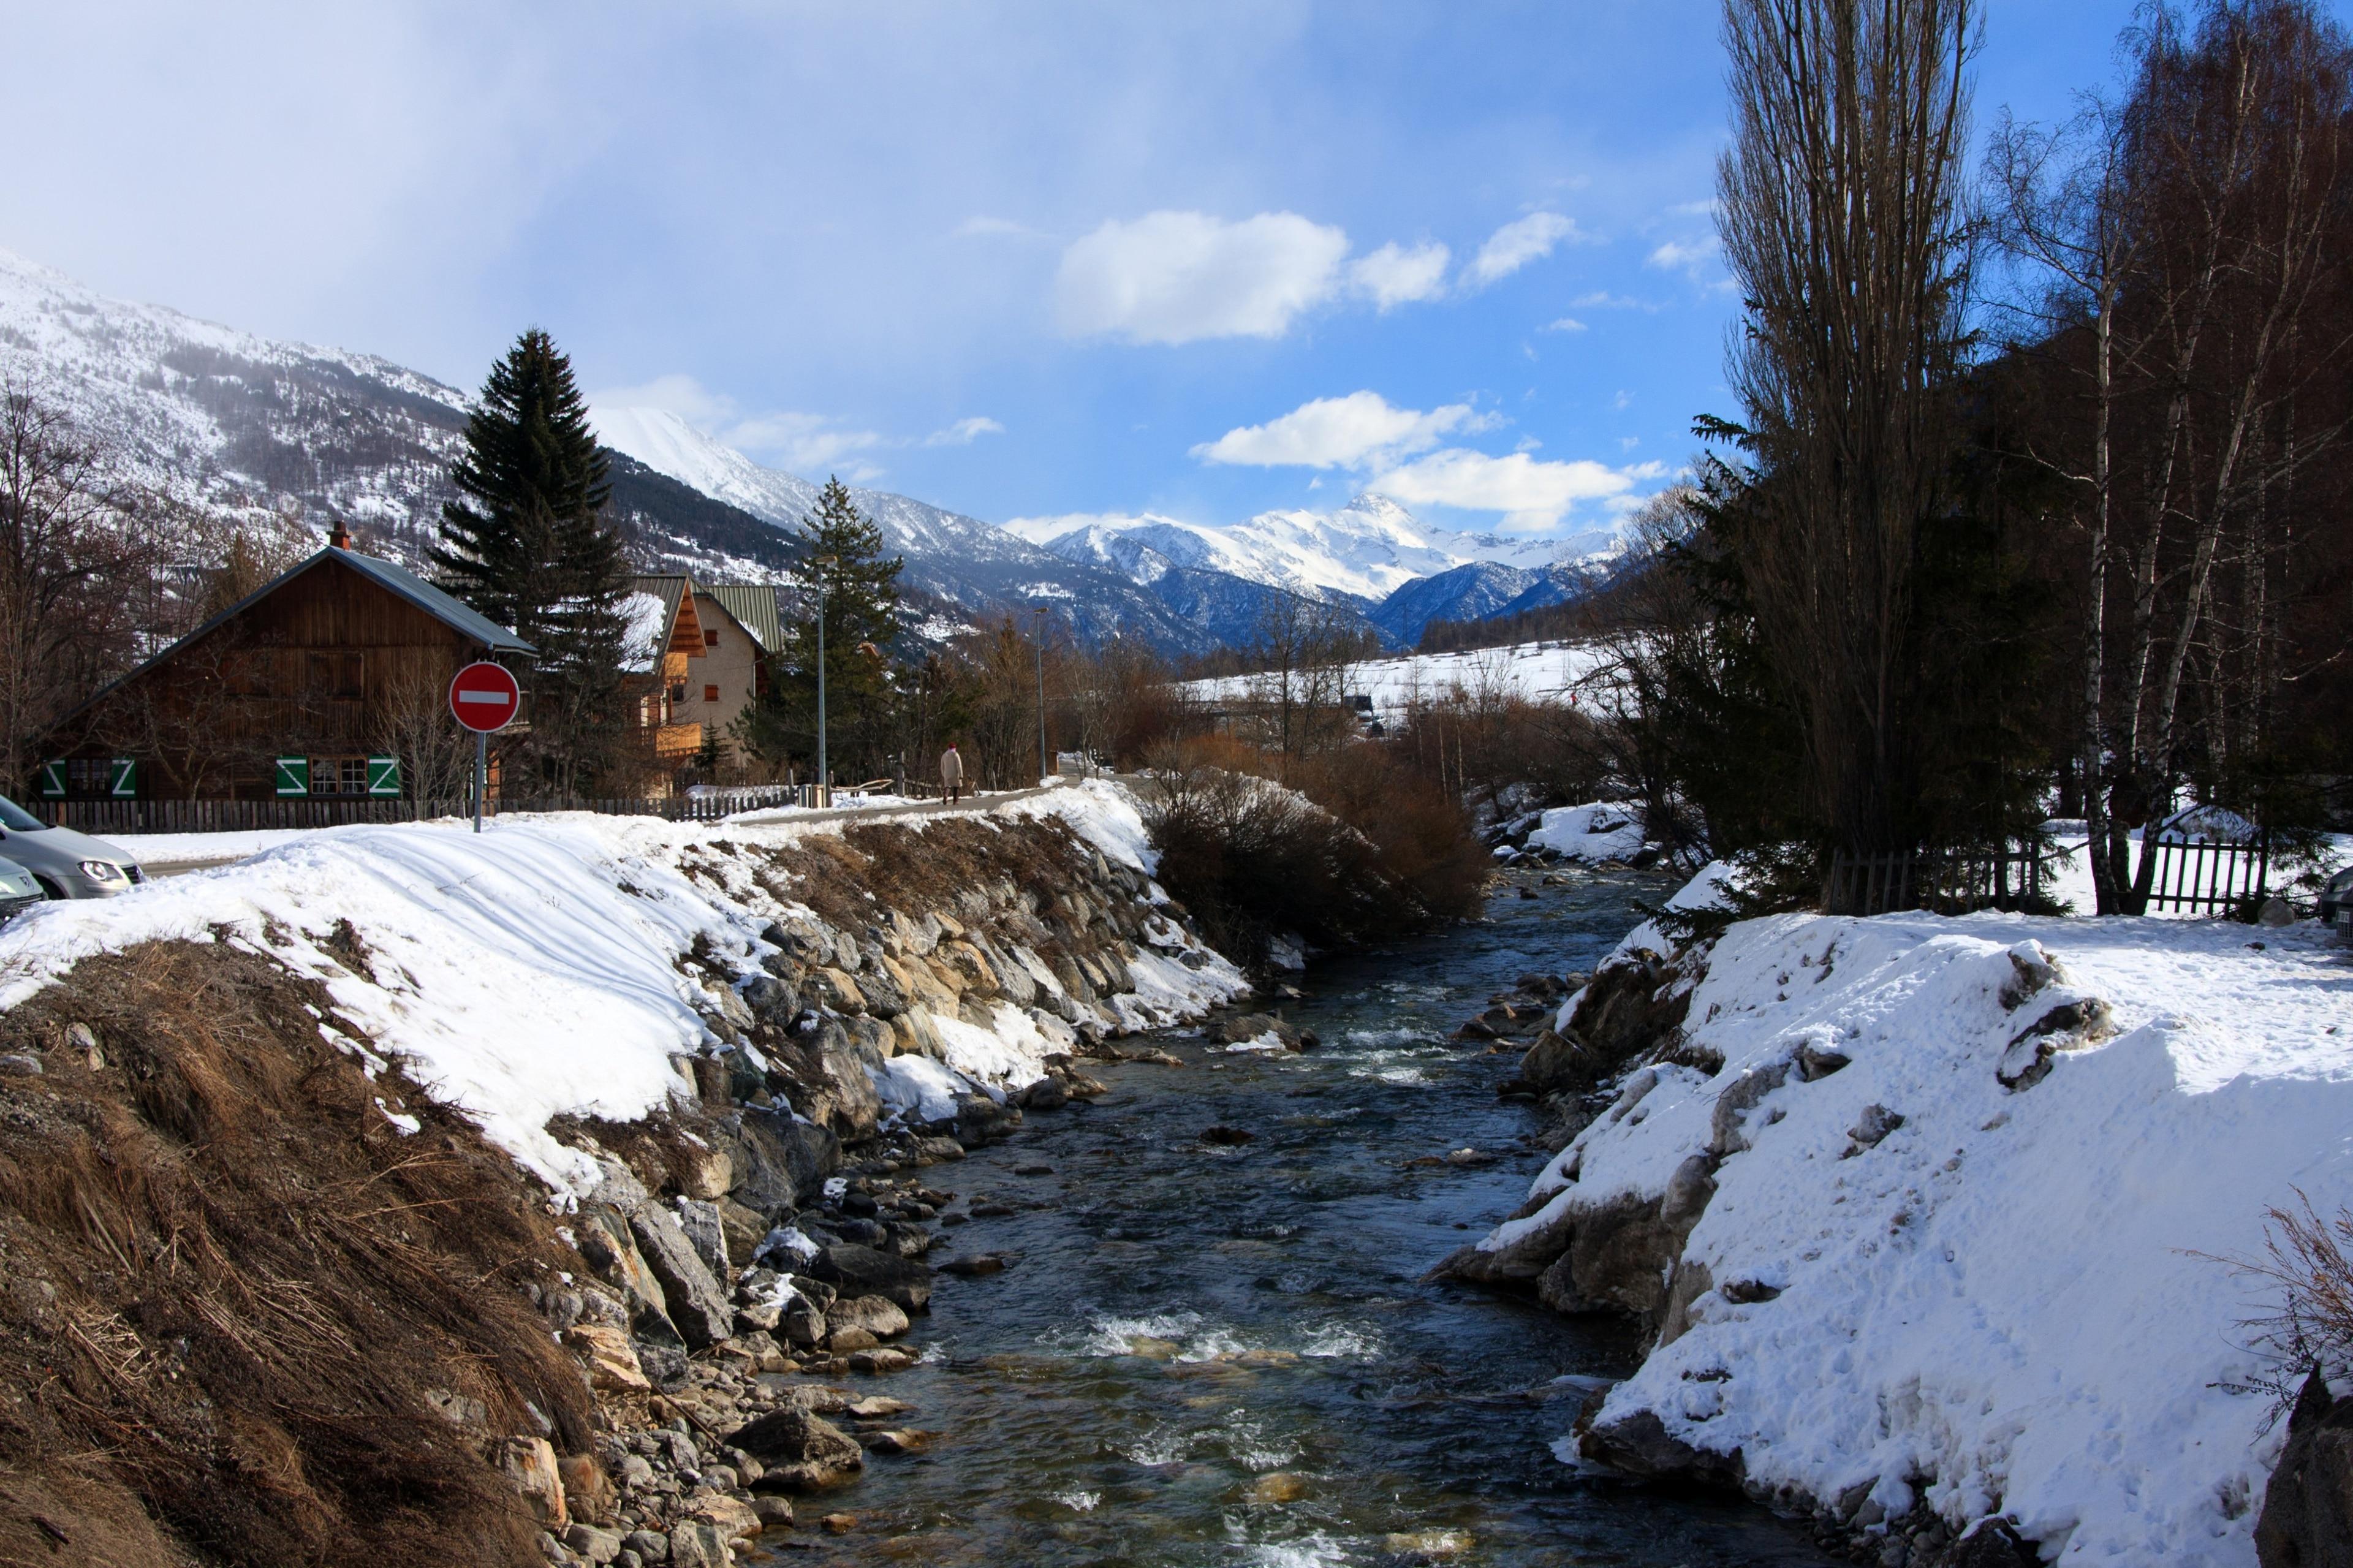 Monetier-les-Bains, Hautes-Alpes, France